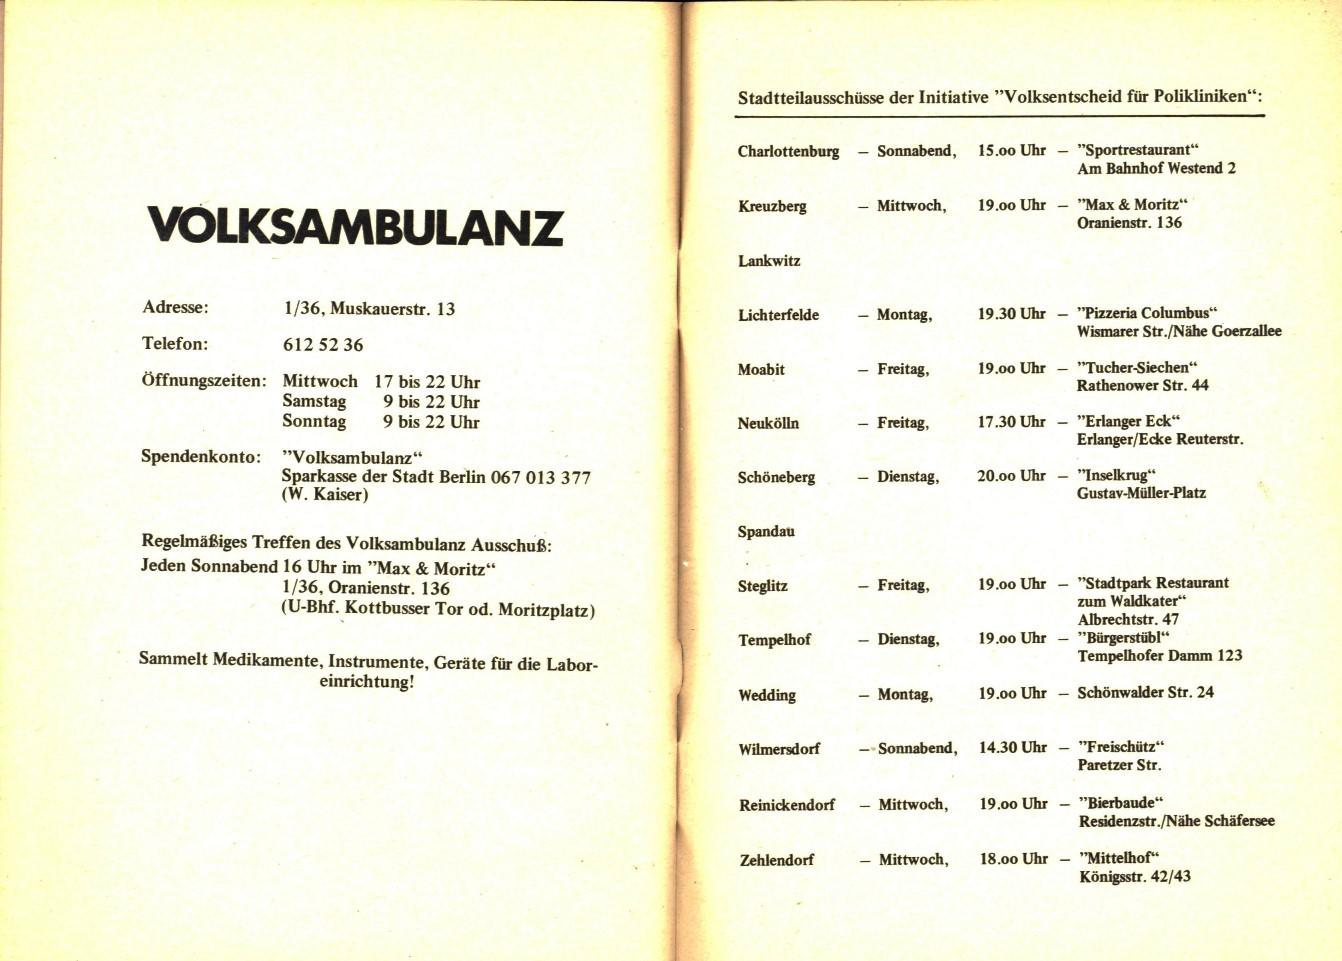 Berlin_KPDAO_1974_Volksentscheid_fuer_Poliklinken_32